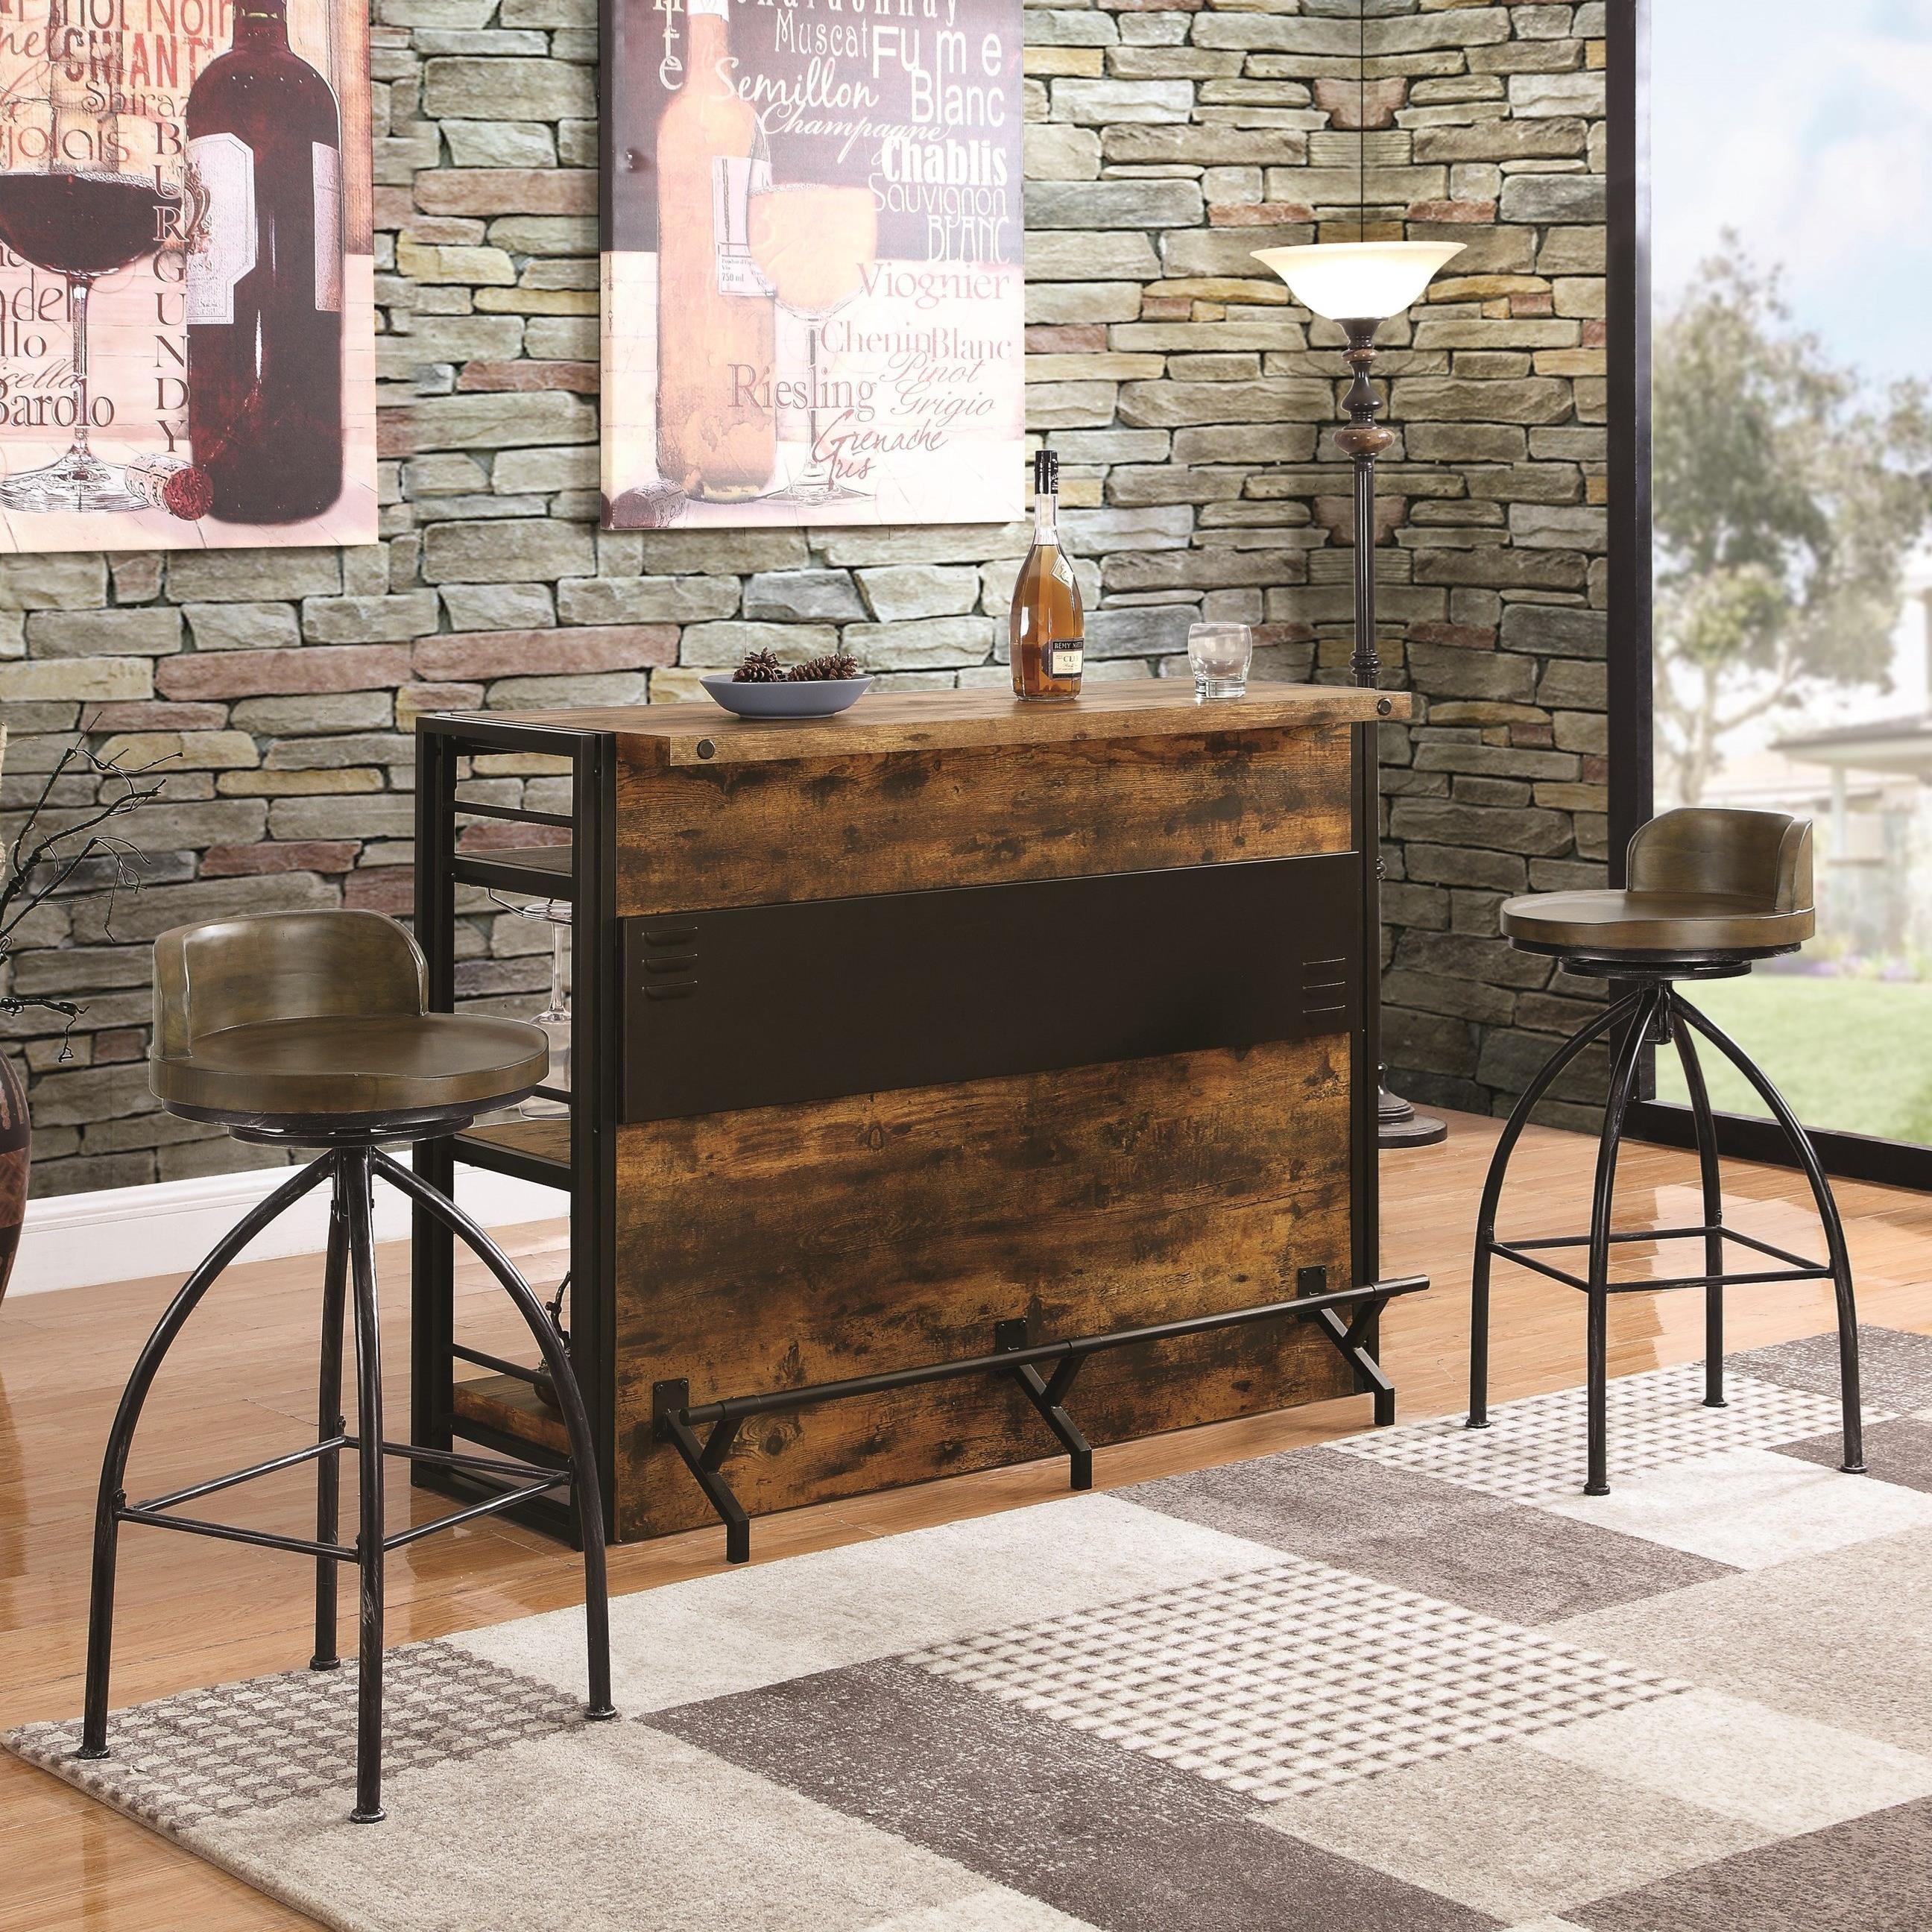 Coaster Bar Units And Bar TablesBar And Stool Set ...